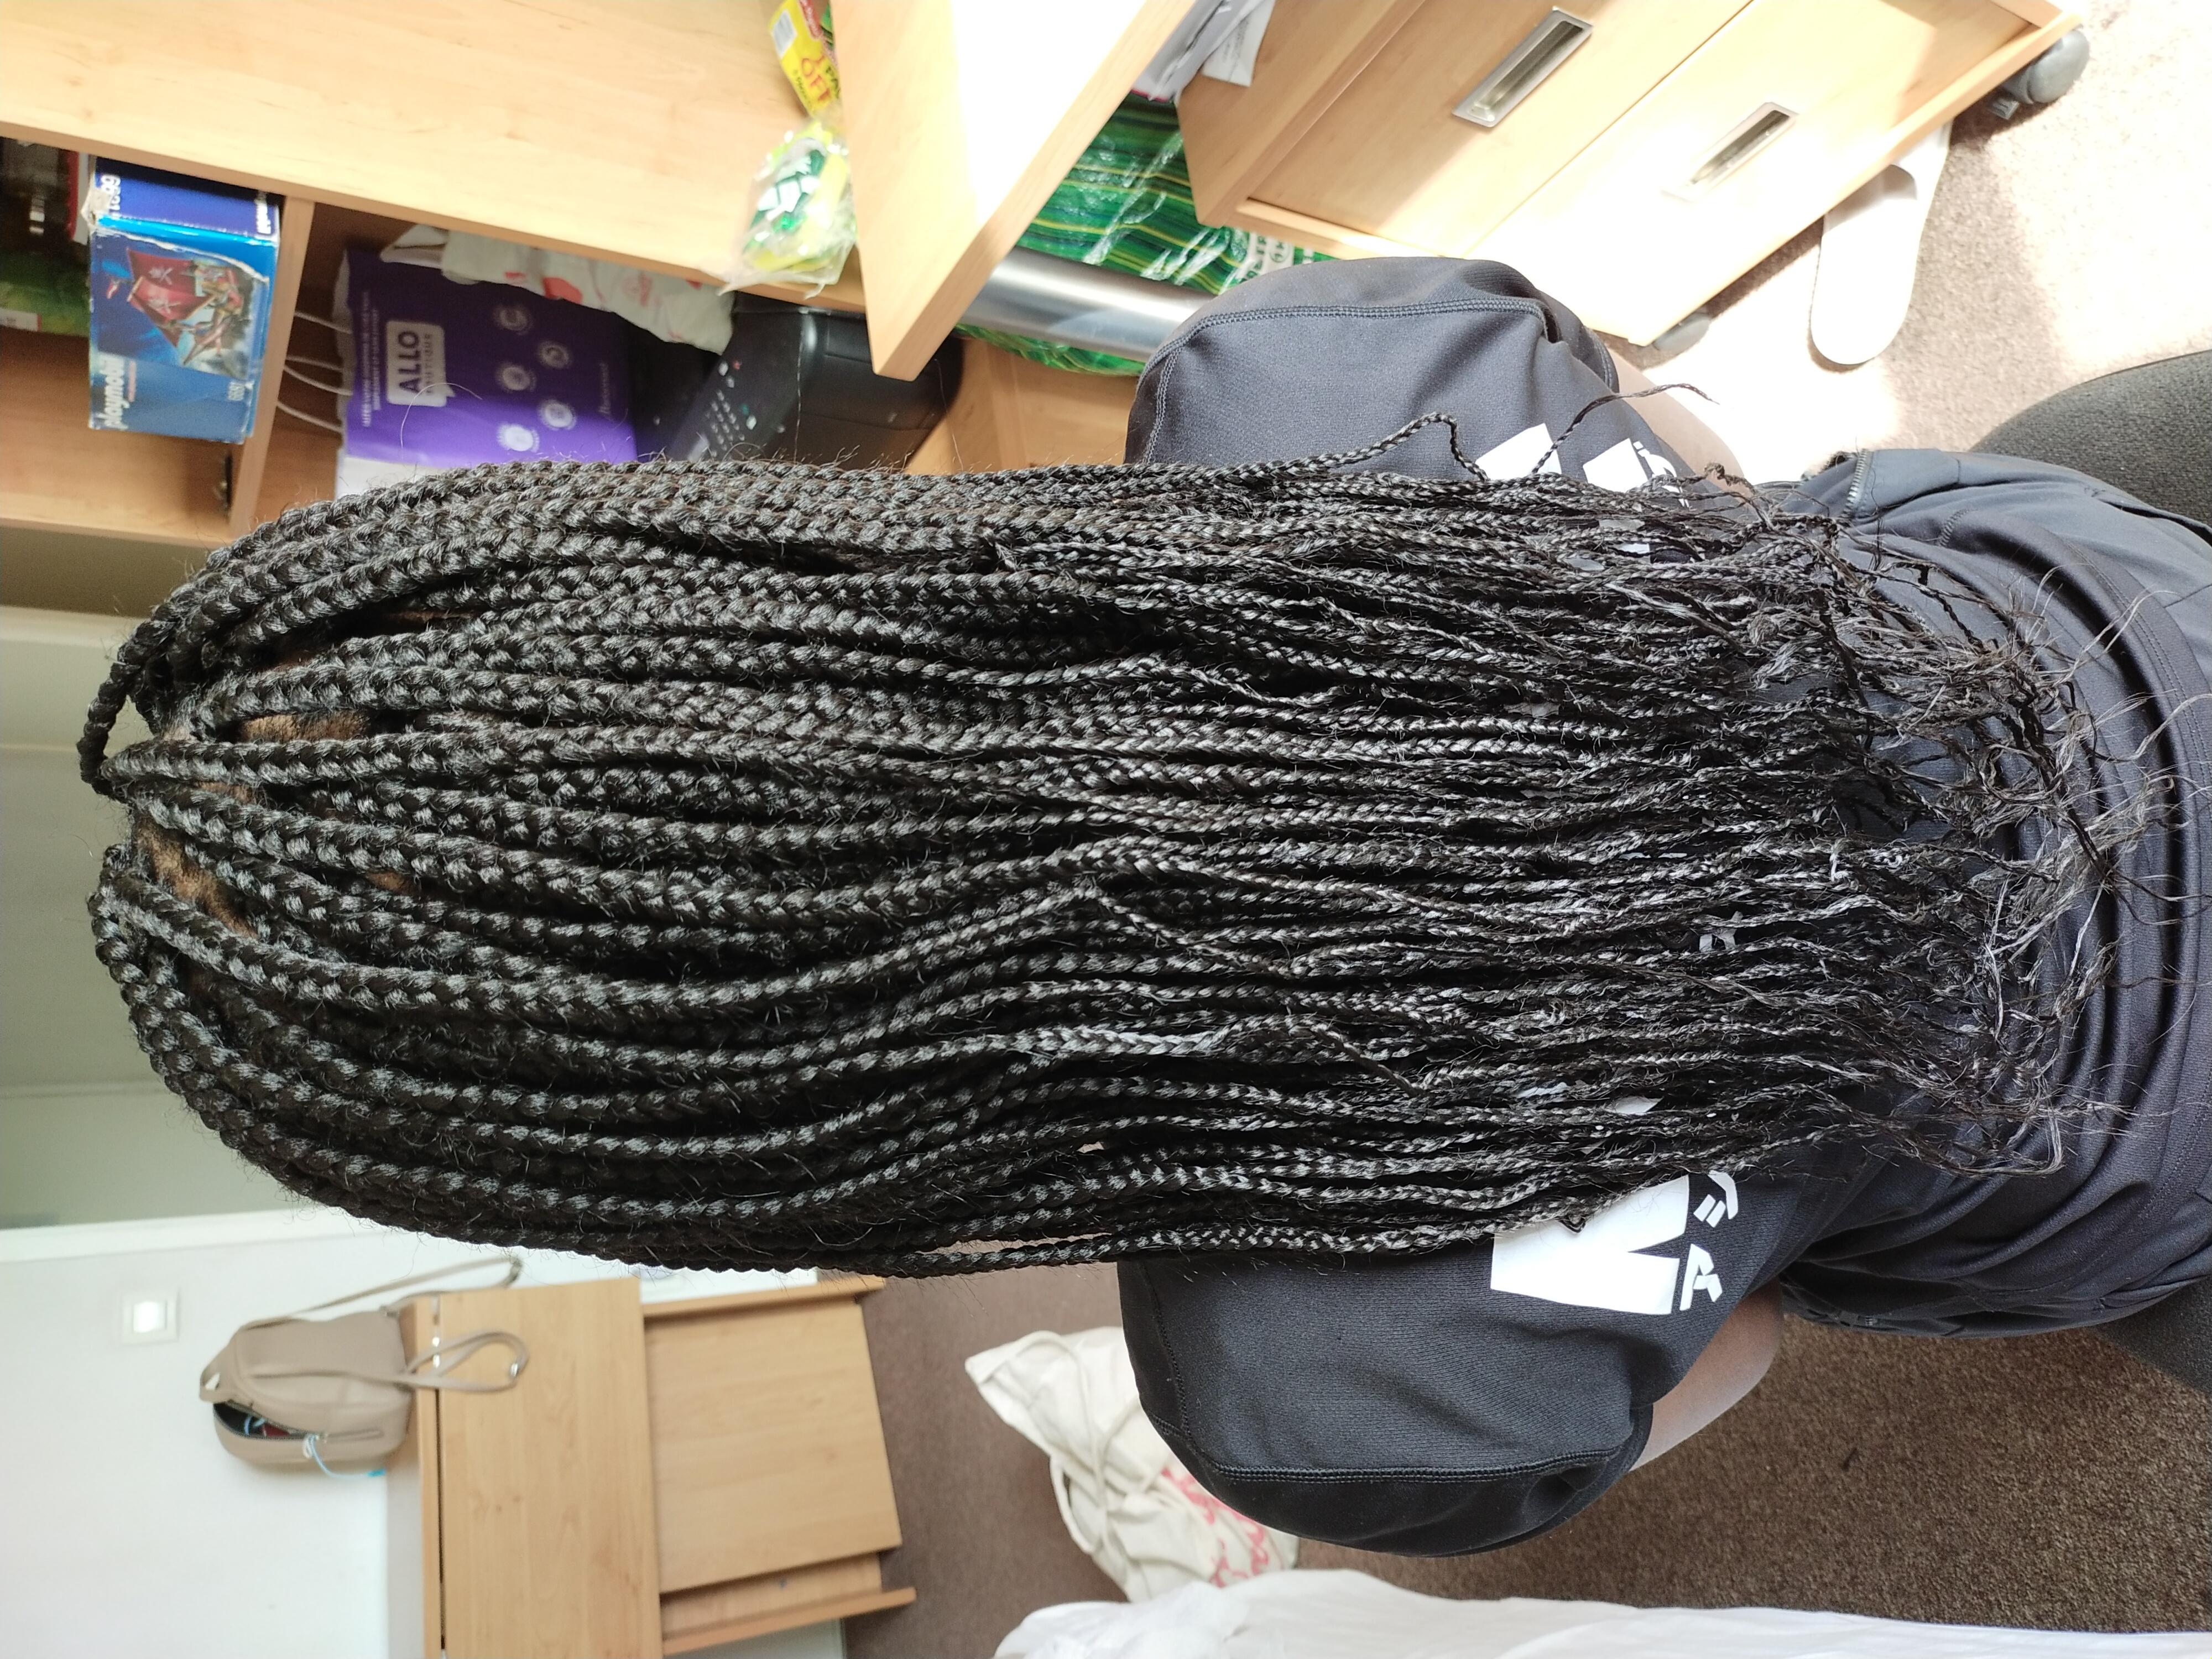 salon de coiffure afro tresse tresses box braids crochet braids vanilles tissages paris 75 77 78 91 92 93 94 95 LYYREBKQ